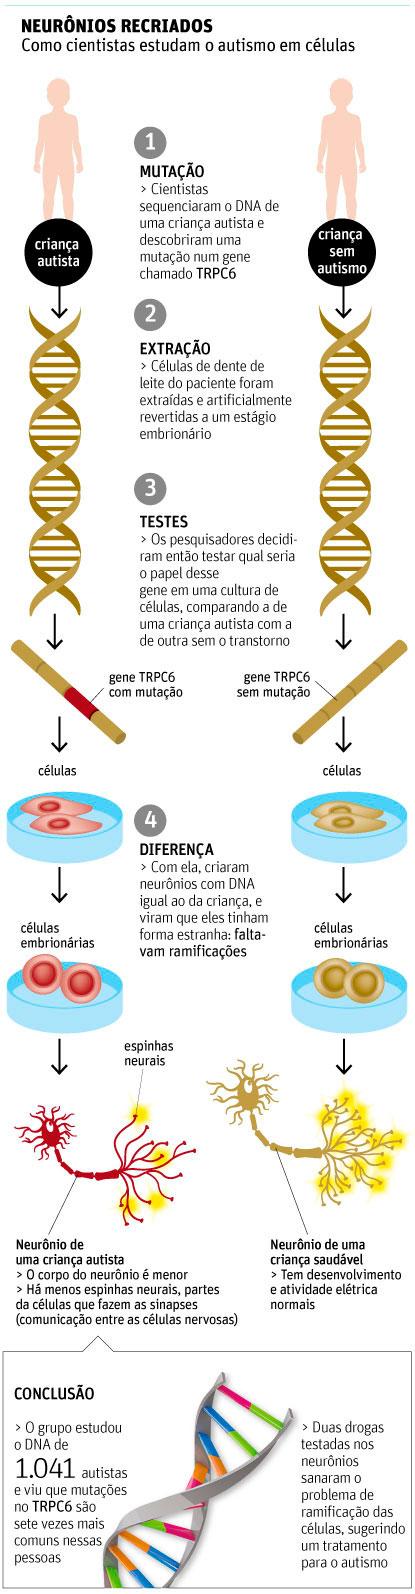 Desenho representando o gene de uma pessoa com autismo e outro de pessoa sem a doença